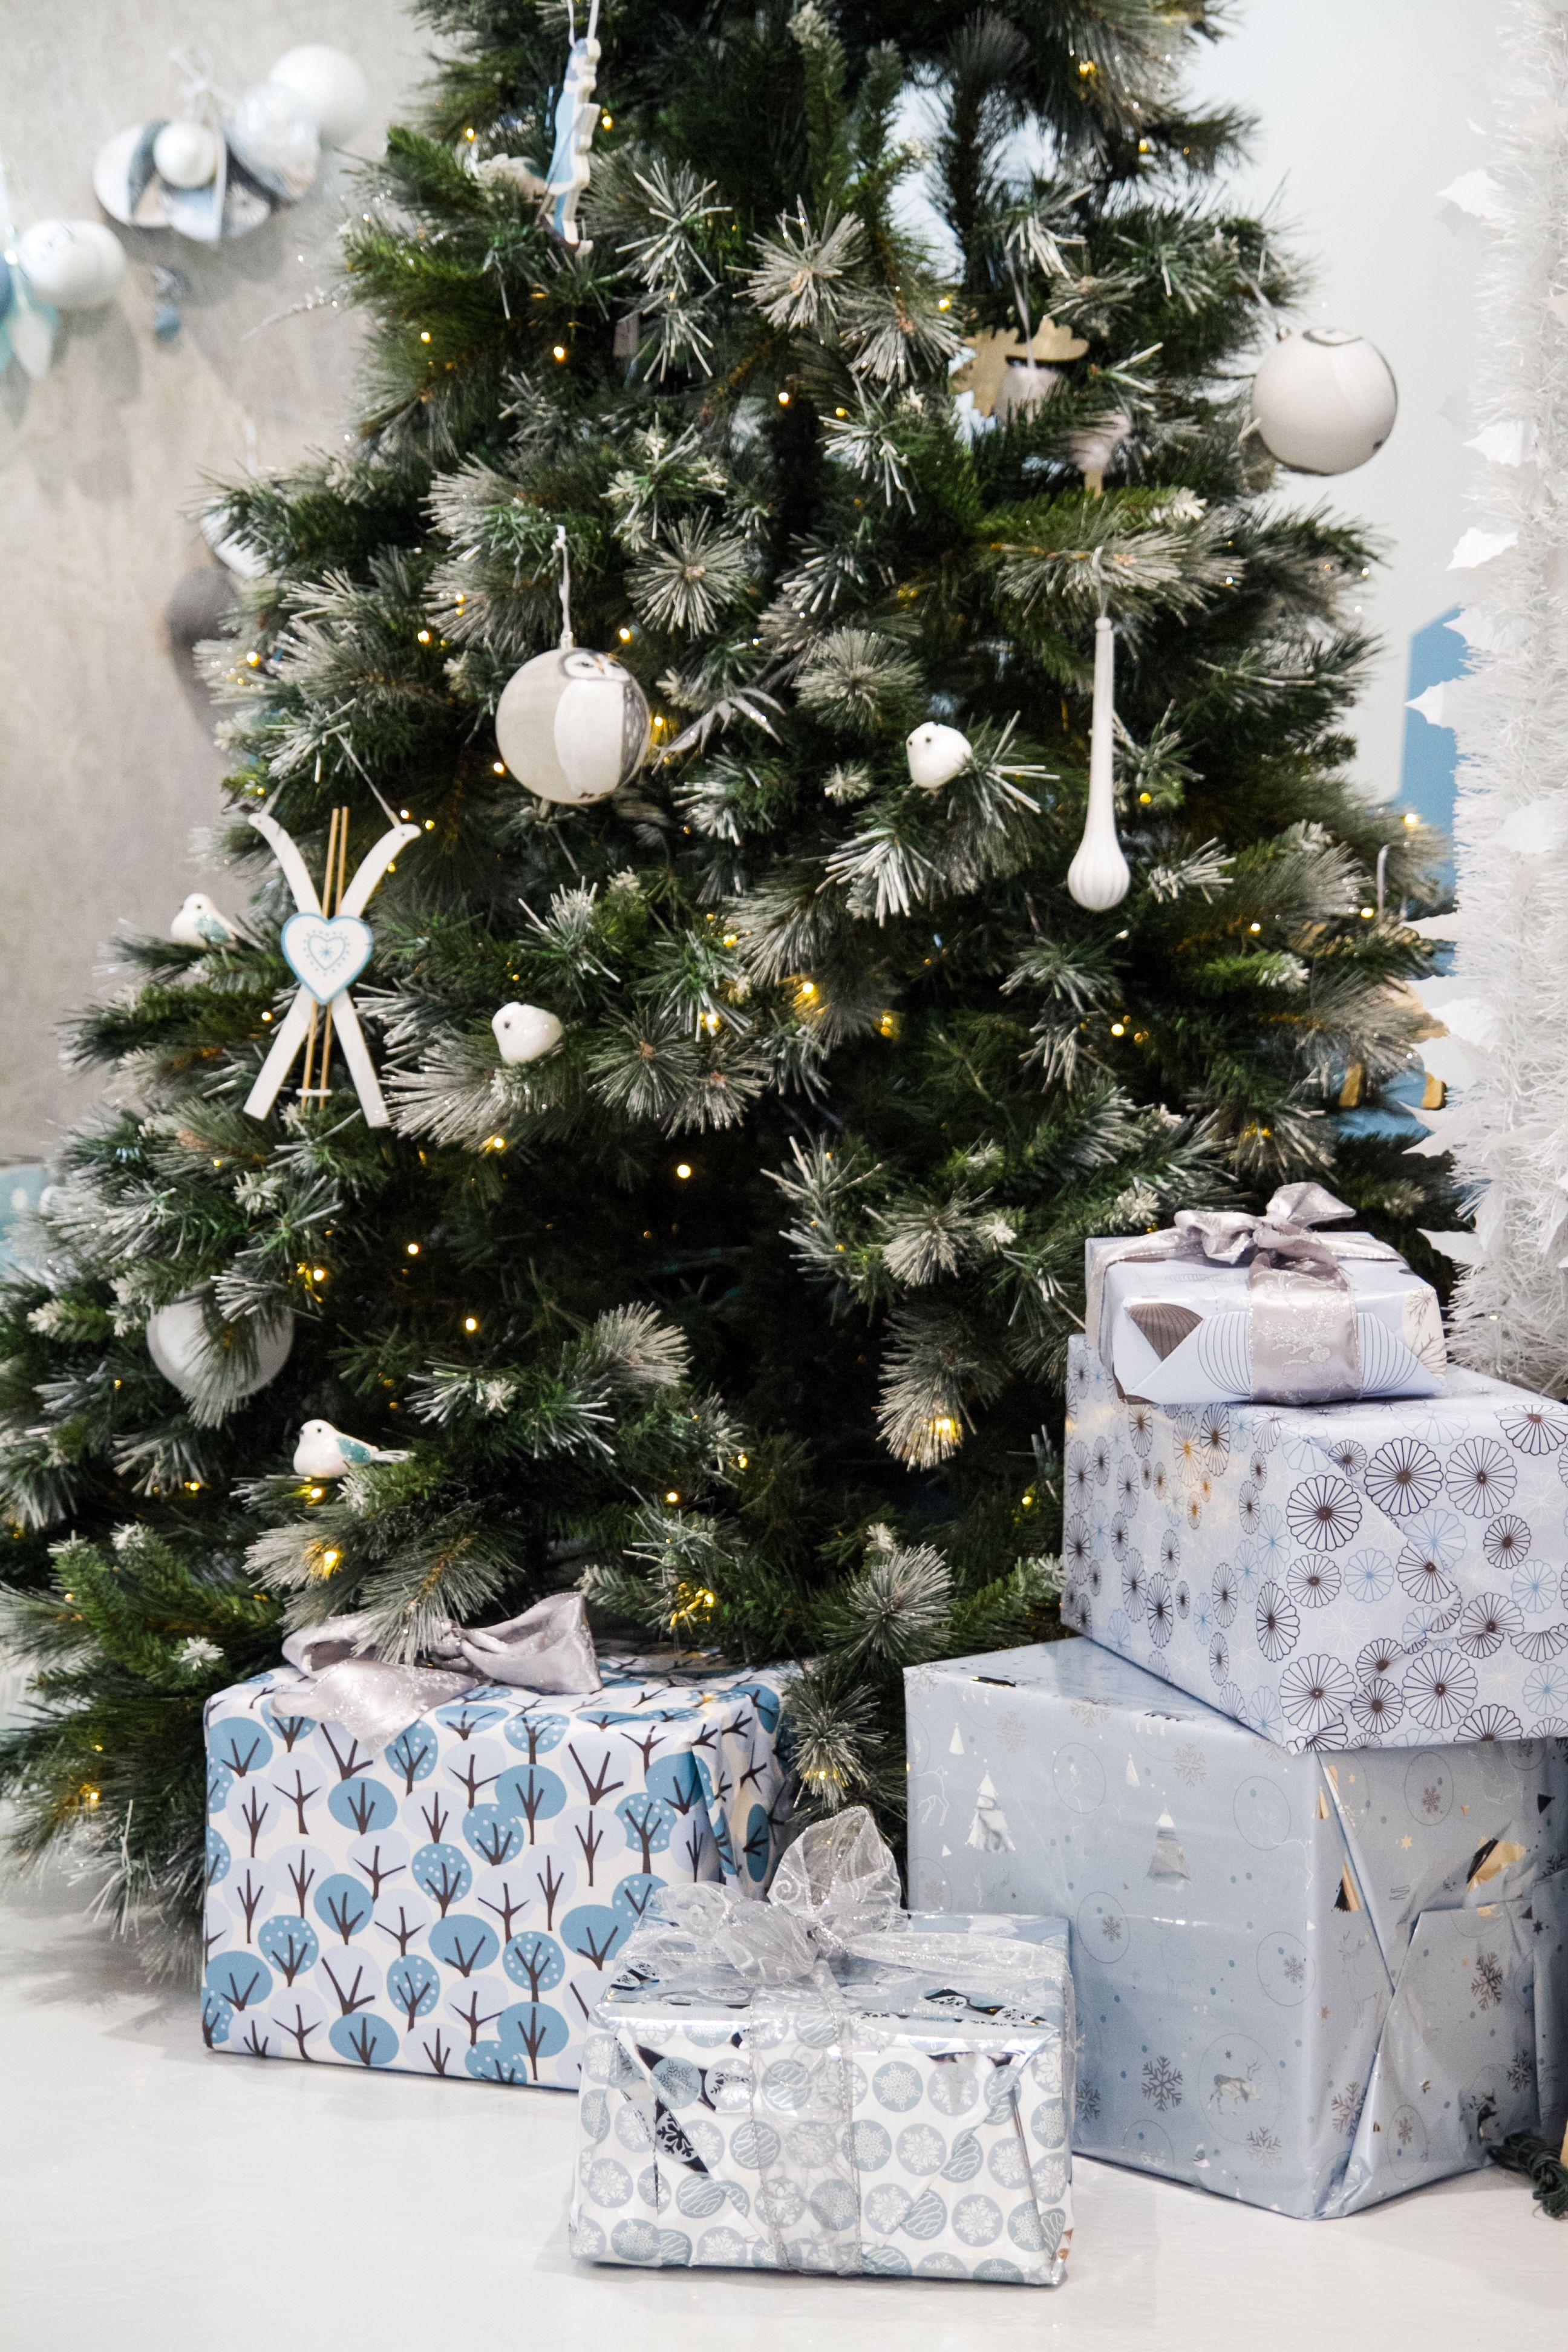 Mon beau sapin et le papier cadeaux de Noël argenté avec des